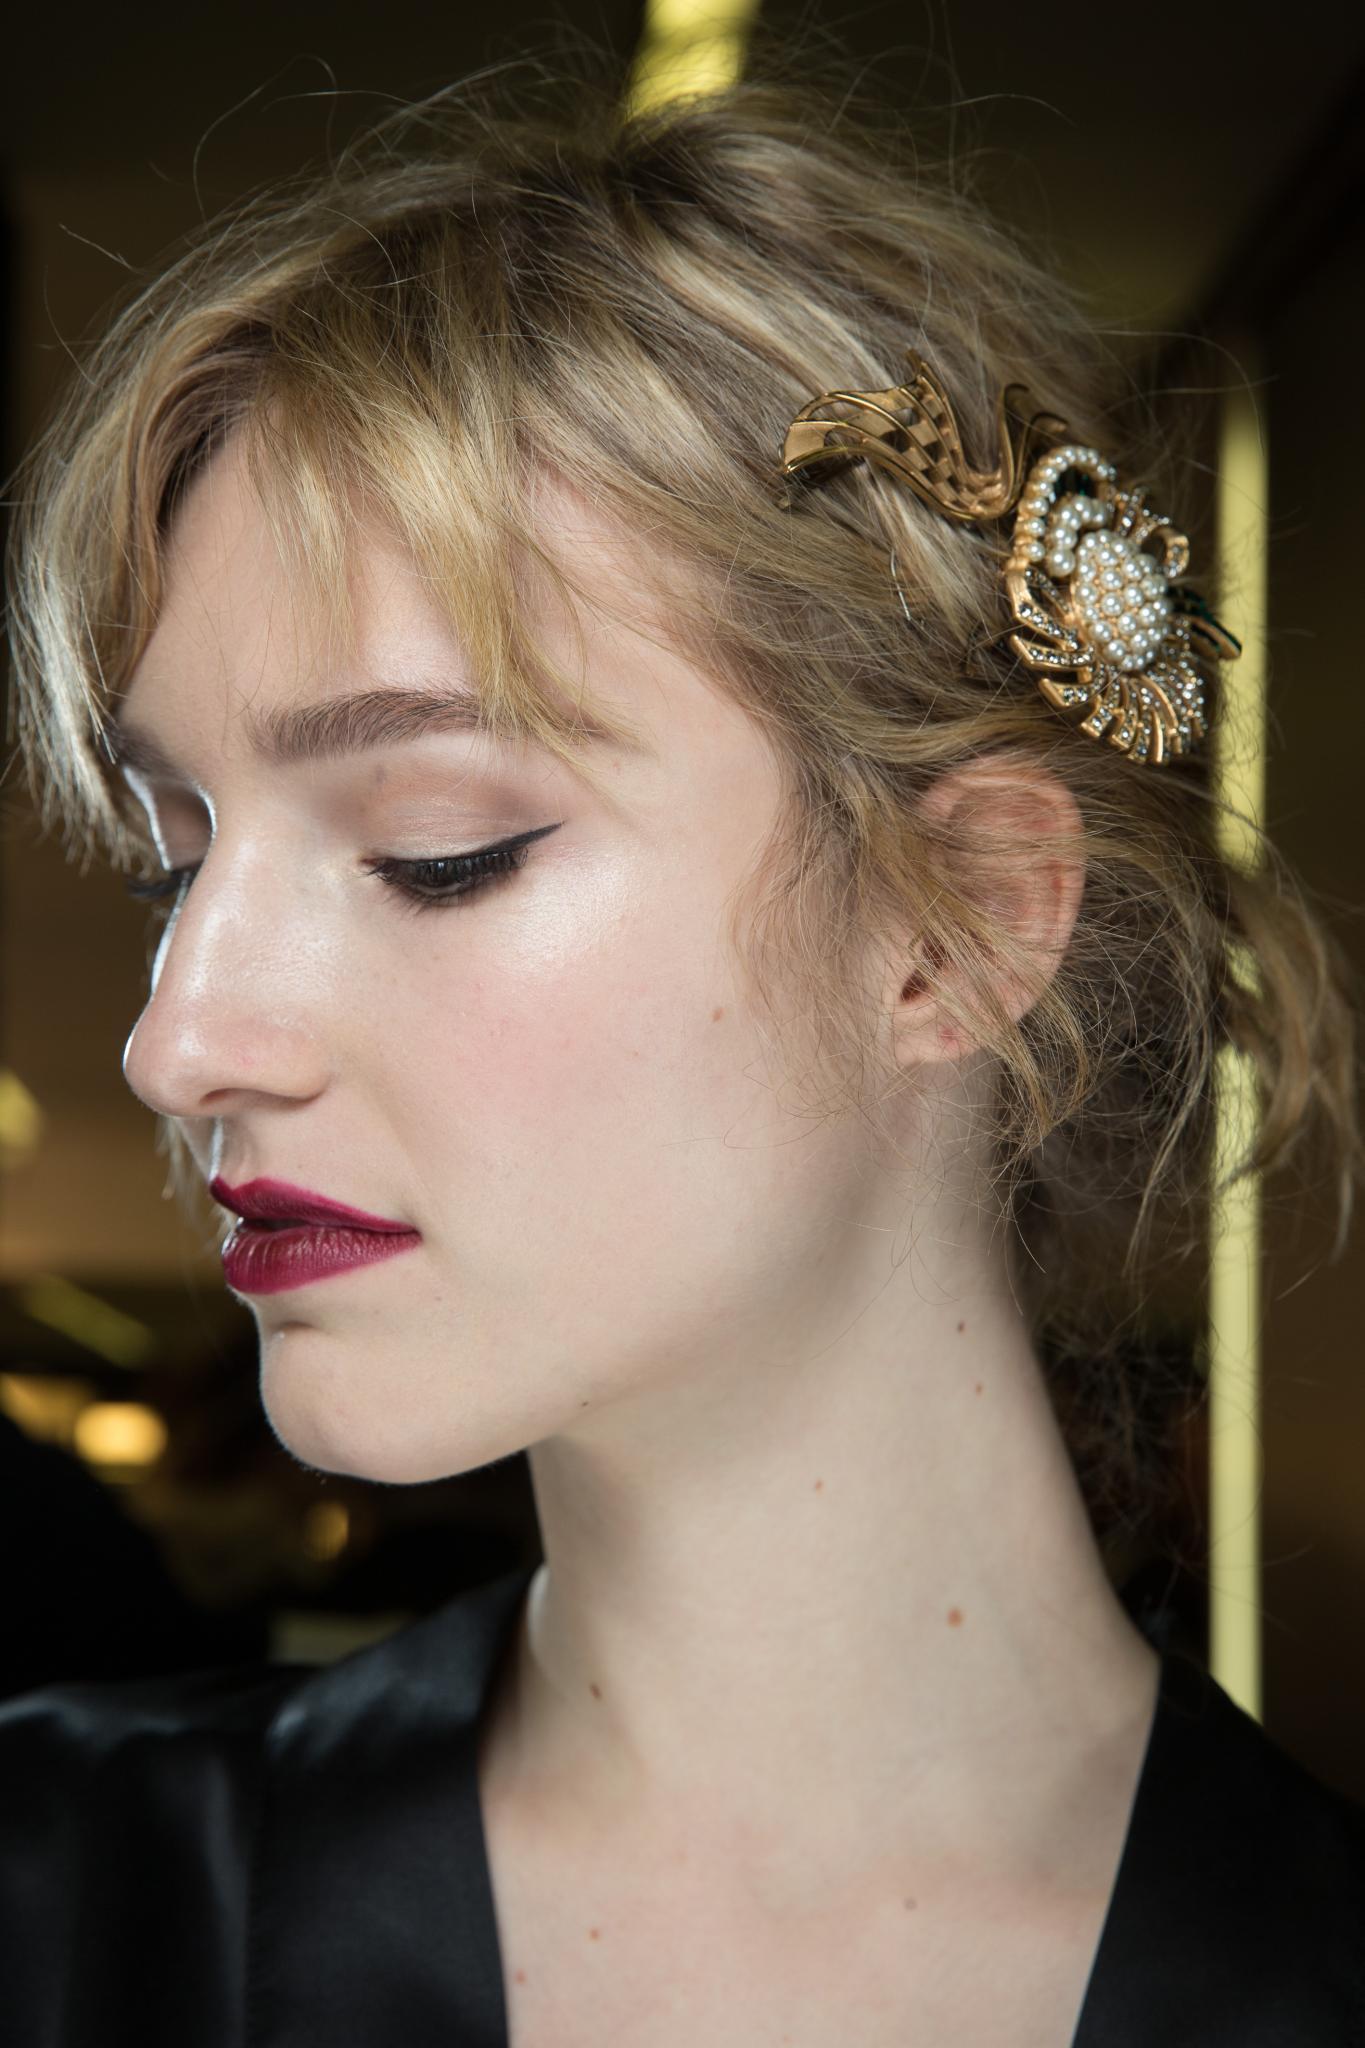 Mujer rubia, cabello corto con flequillo, lleva un aplique de costado